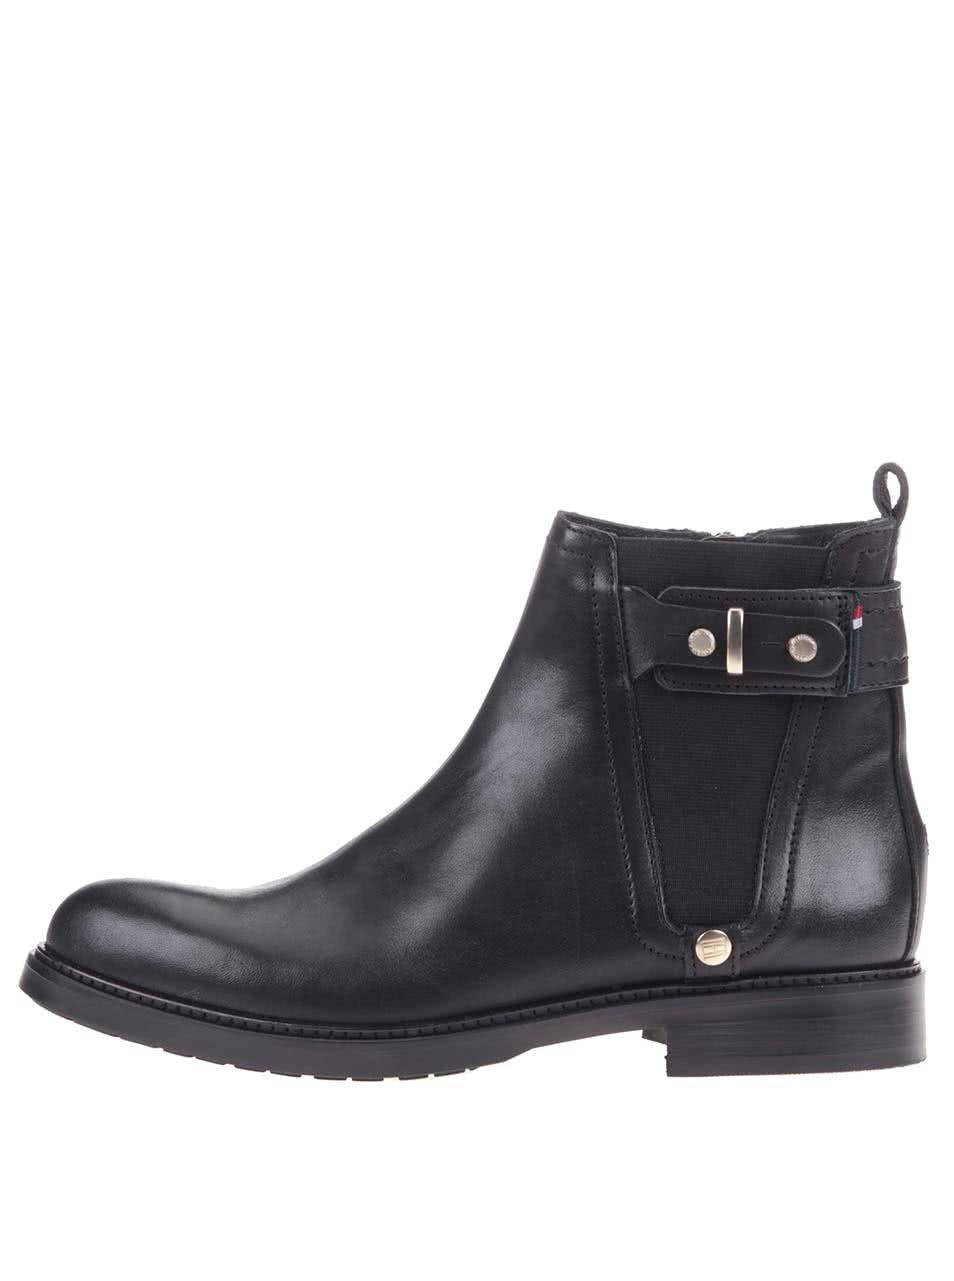 Černé dámské kožené kotníkové boty Tommy Hilfiger Holly ... c02efdb1ae